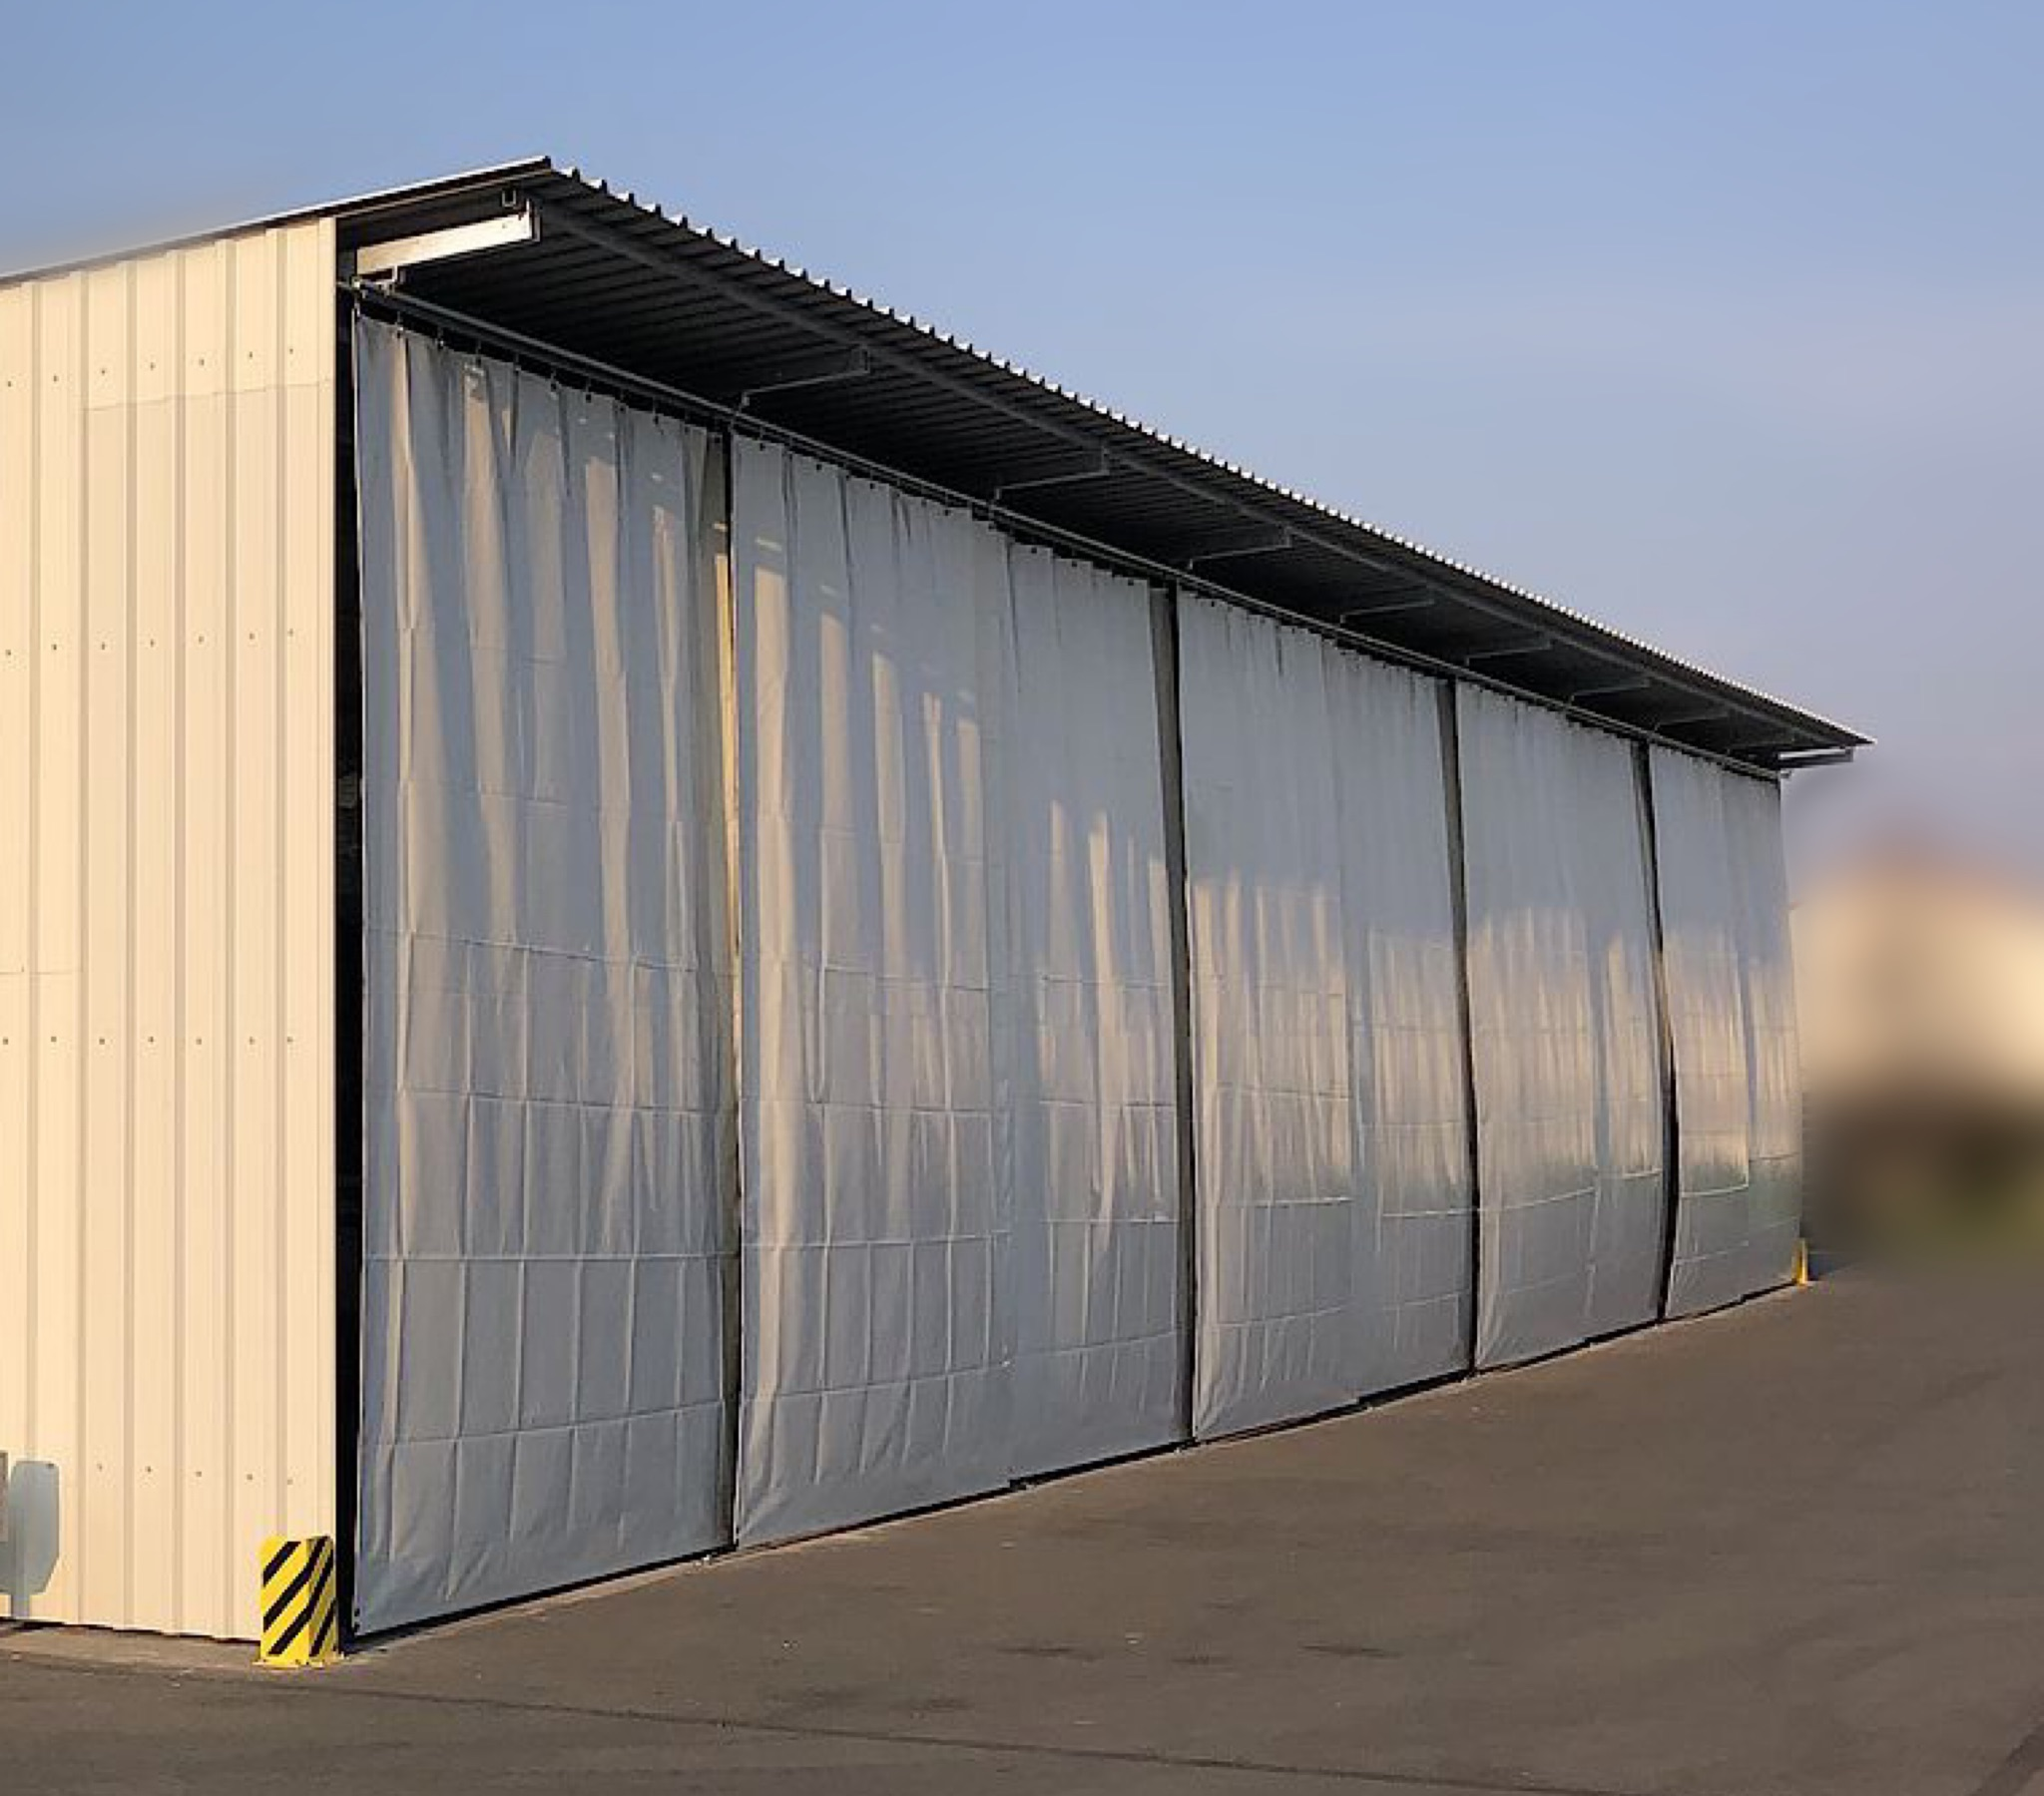 Montage einer Palettenregal-Anlage mit Dach und Schiebeplane im Außenbereich.